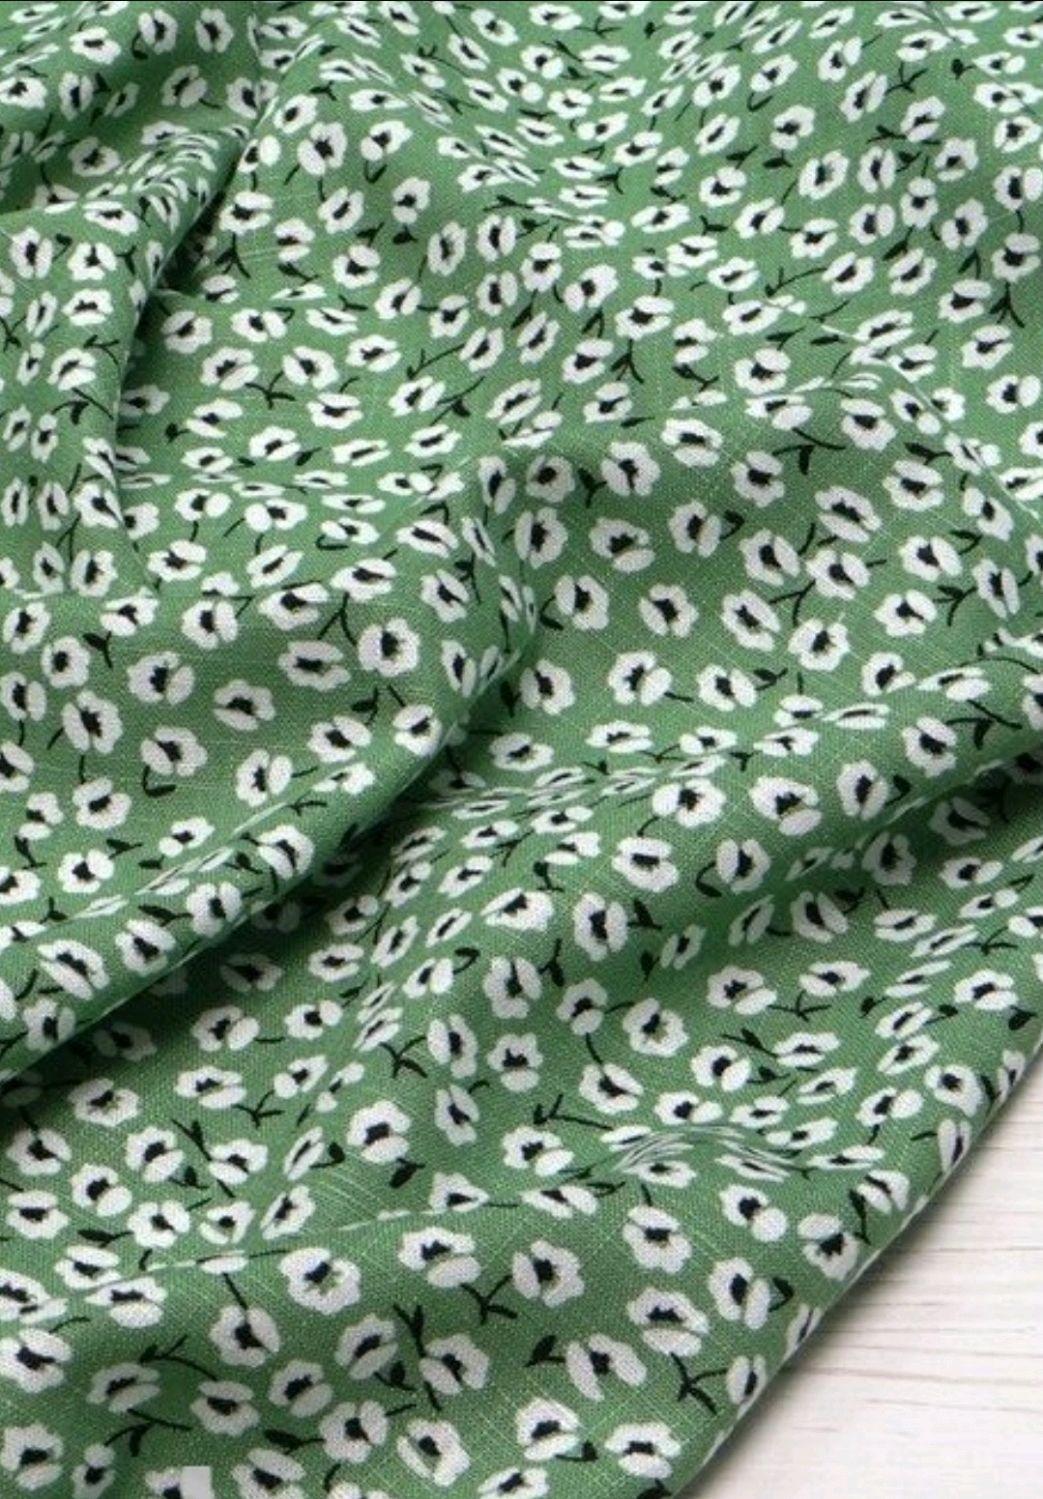 Ткань натуральная лён с вискозой  цветы АН 01.1, Ткани, Москва,  Фото №1